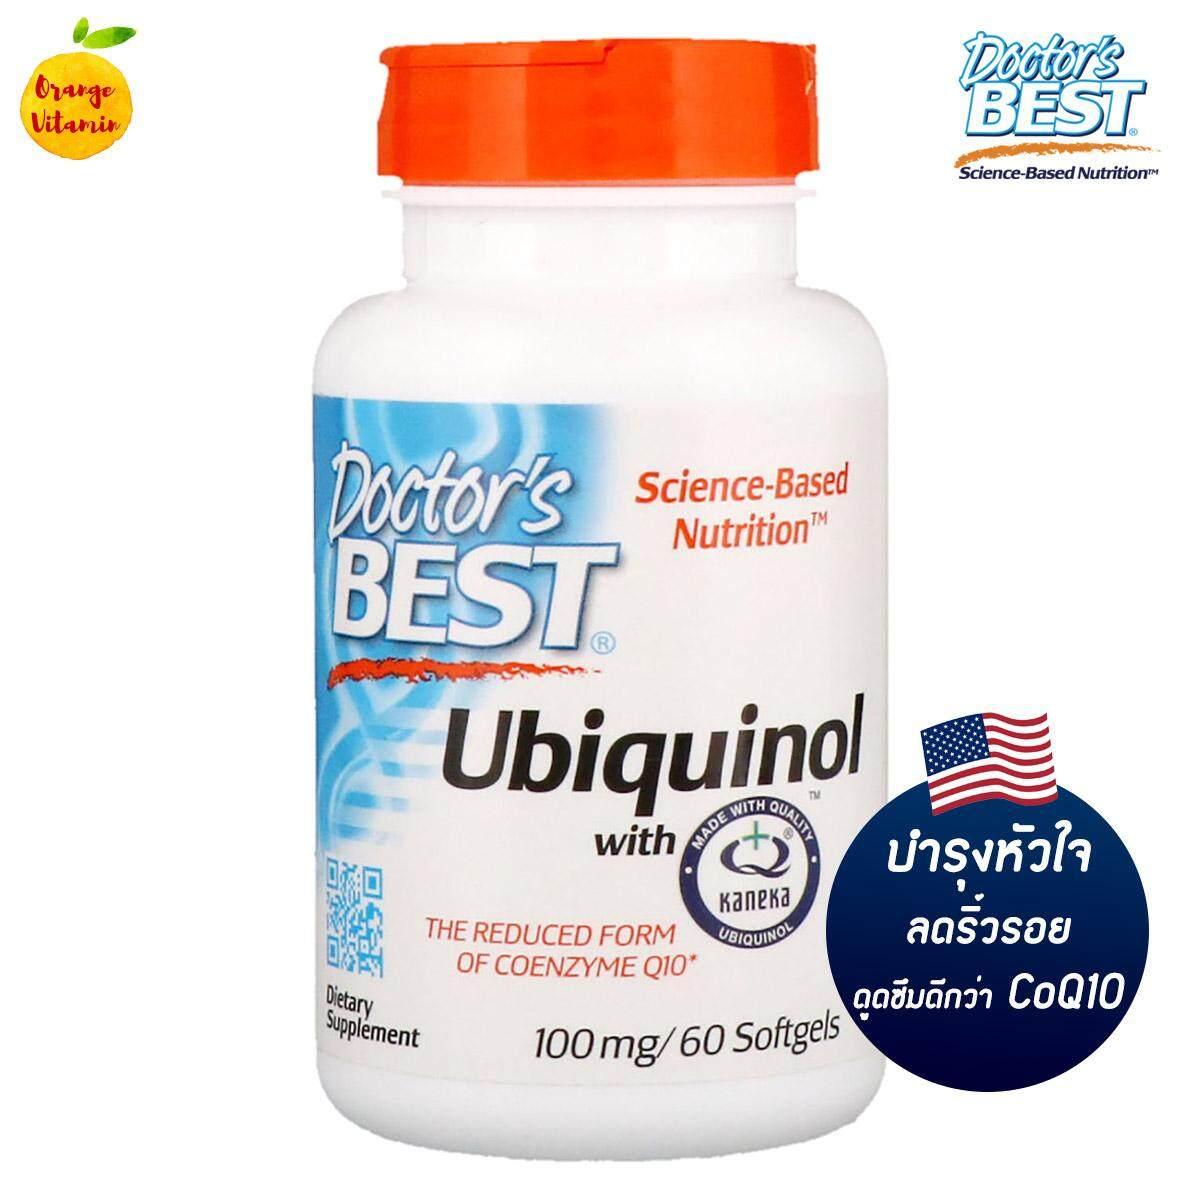 ยูบิควินอล Doctors Best, Ubiquinol, Featuring Kaneka Qh, 100 Mg, 60 Softgels อาหารเสริมลดริ้วรอย ชะลอความแก่ บำรุงหัวใจ Coq10 เพิ่มพลังงานแก่ร่างกาย ช่วยให้ผิวพรรณผ่องใส ต้านอนุมูลอิสระ ลดริ้วรอยก่อนวัย.